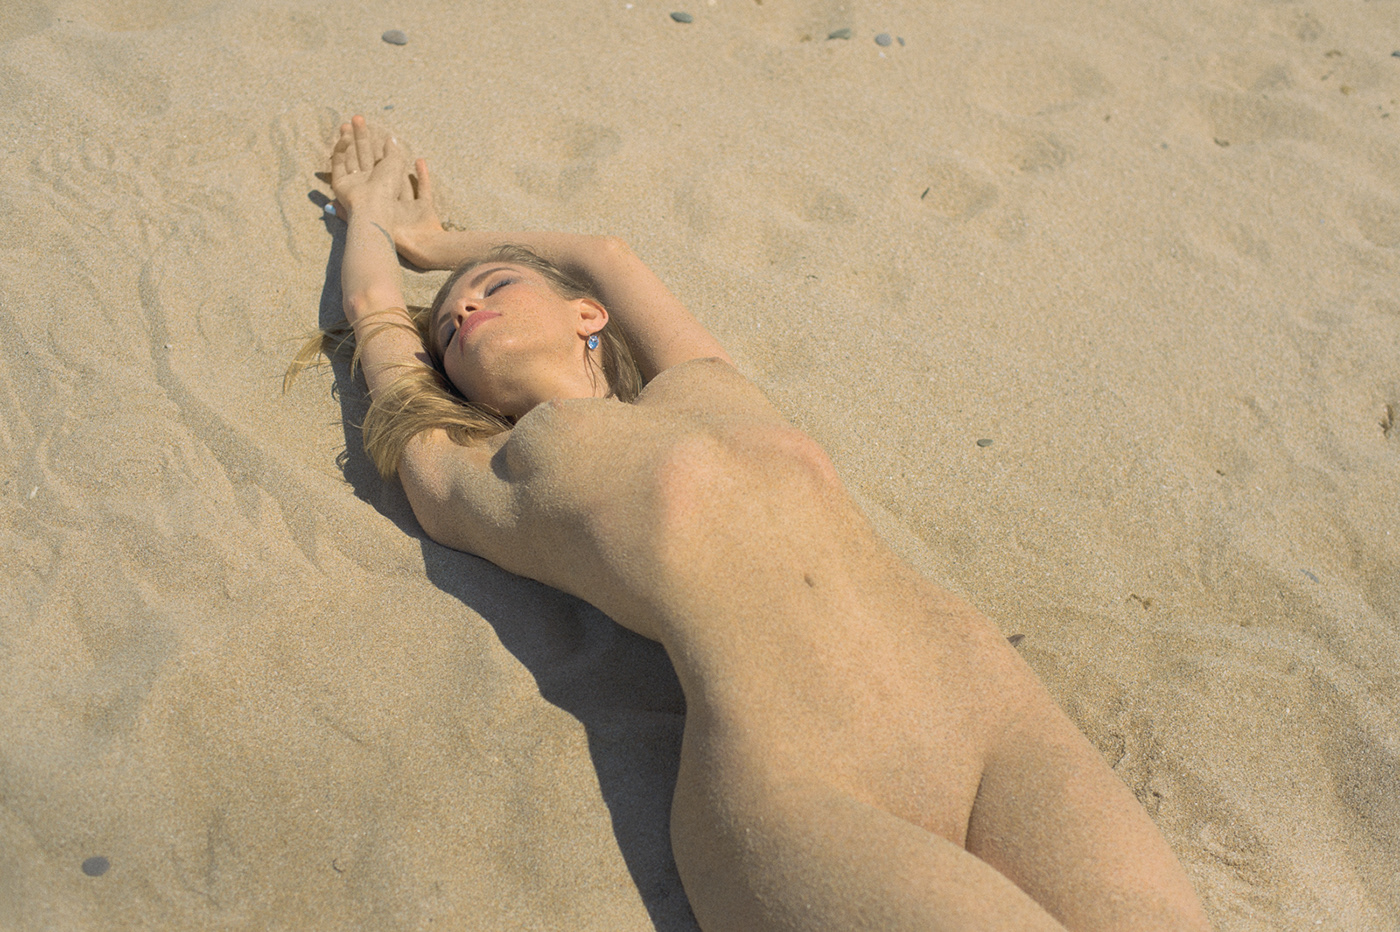 Лето, пляж / фото Владислав Спивак - Vladislav Spivak